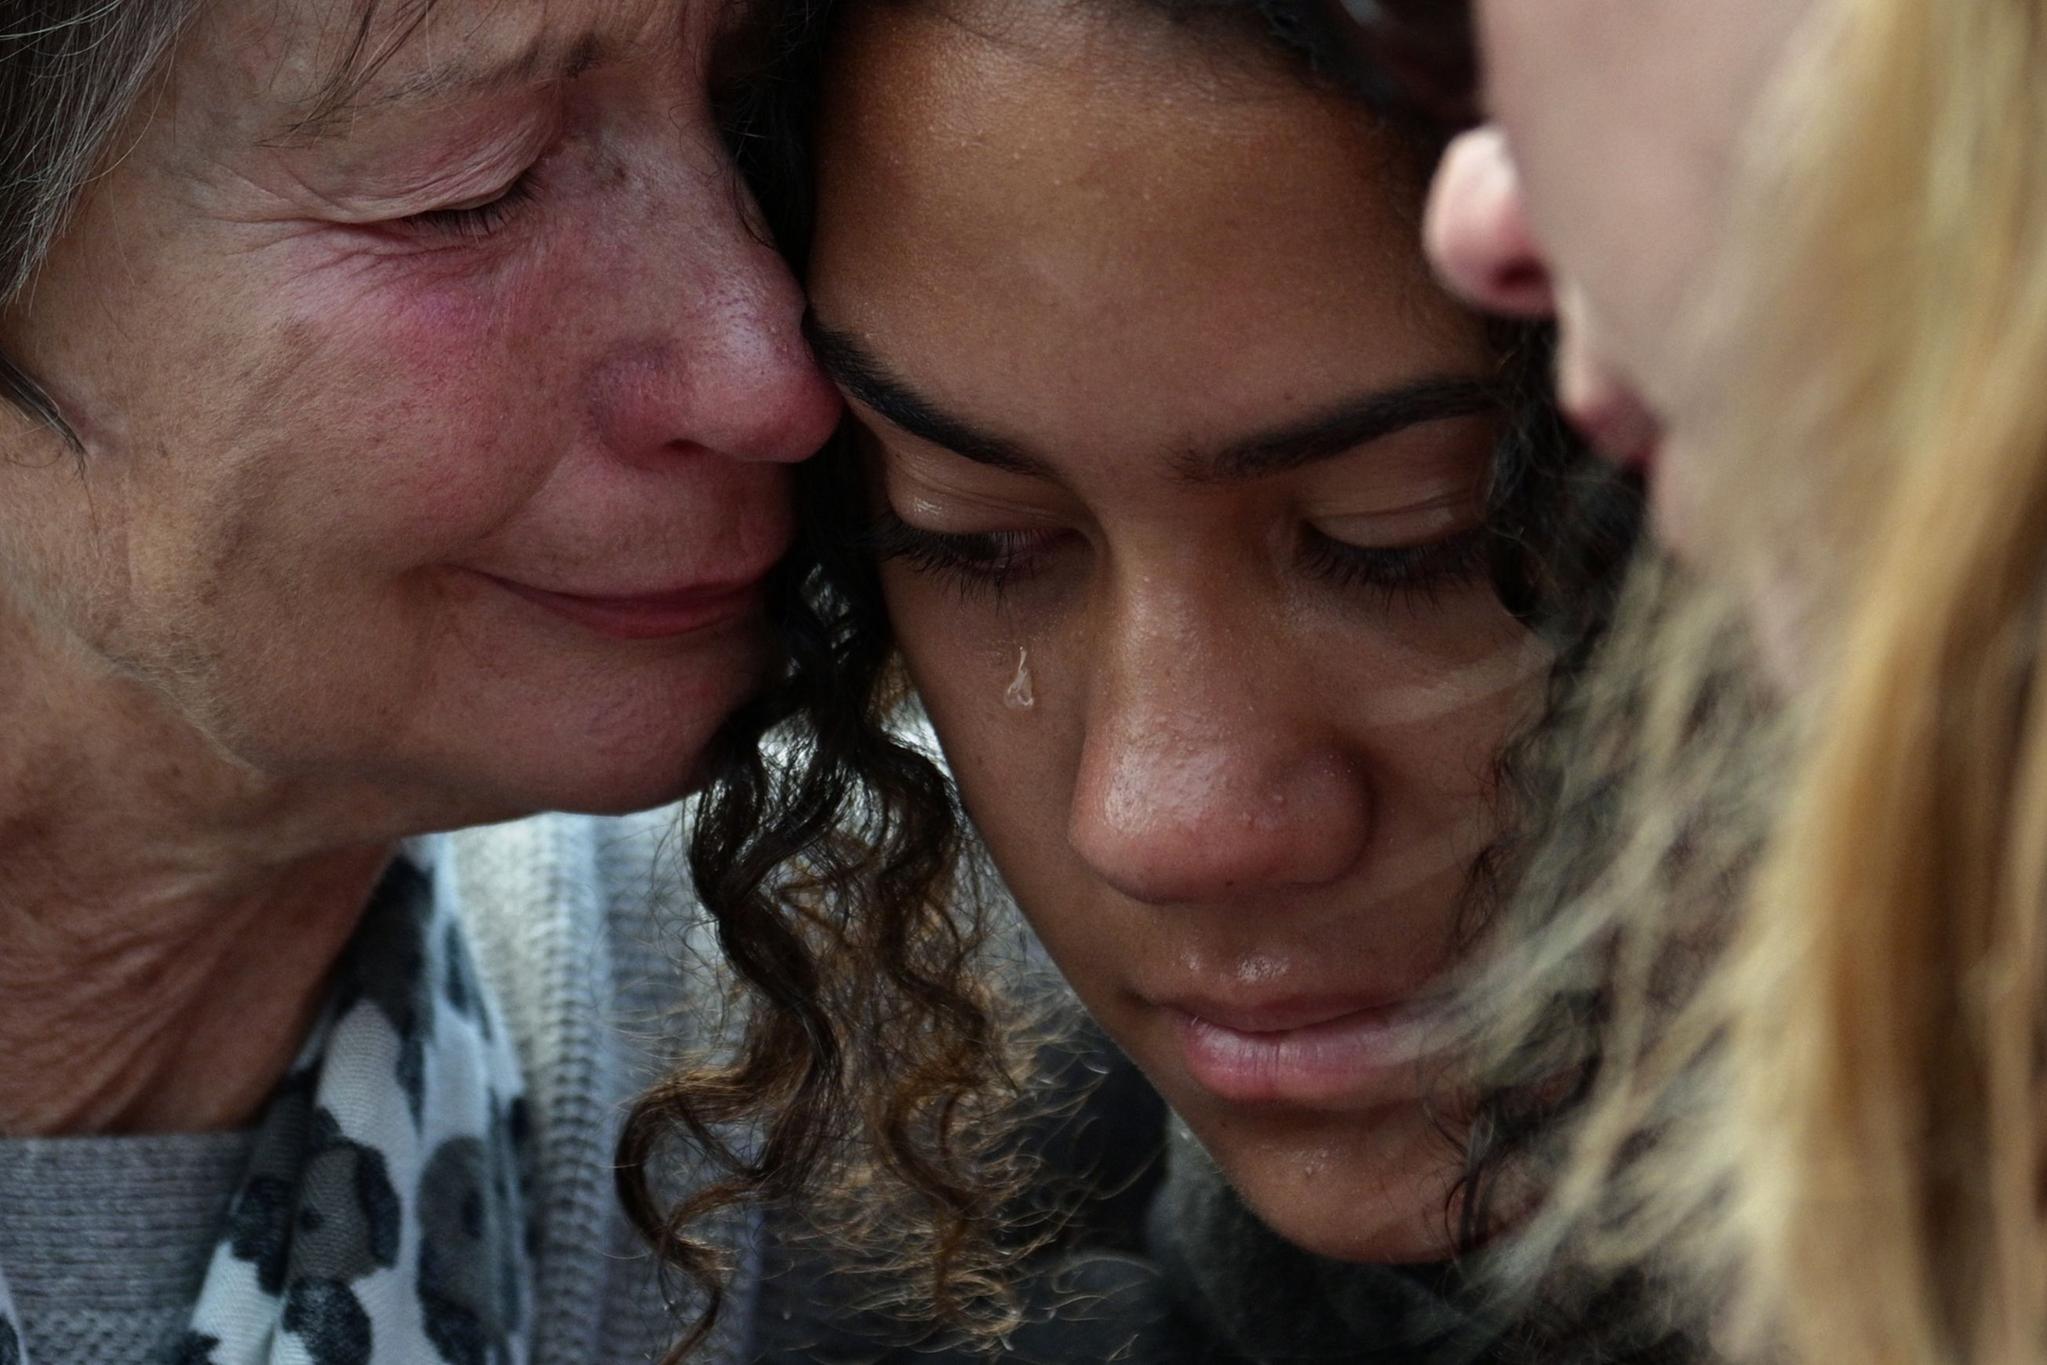 17일(현지시간) 뉴질랜드 크라이스트처치의 사건 현장 인근에 사는 주민들이 희생자 추모 꽃다발을 놓은 뒤 눈물을 흘리고 있다. [AFP=연합뉴스]